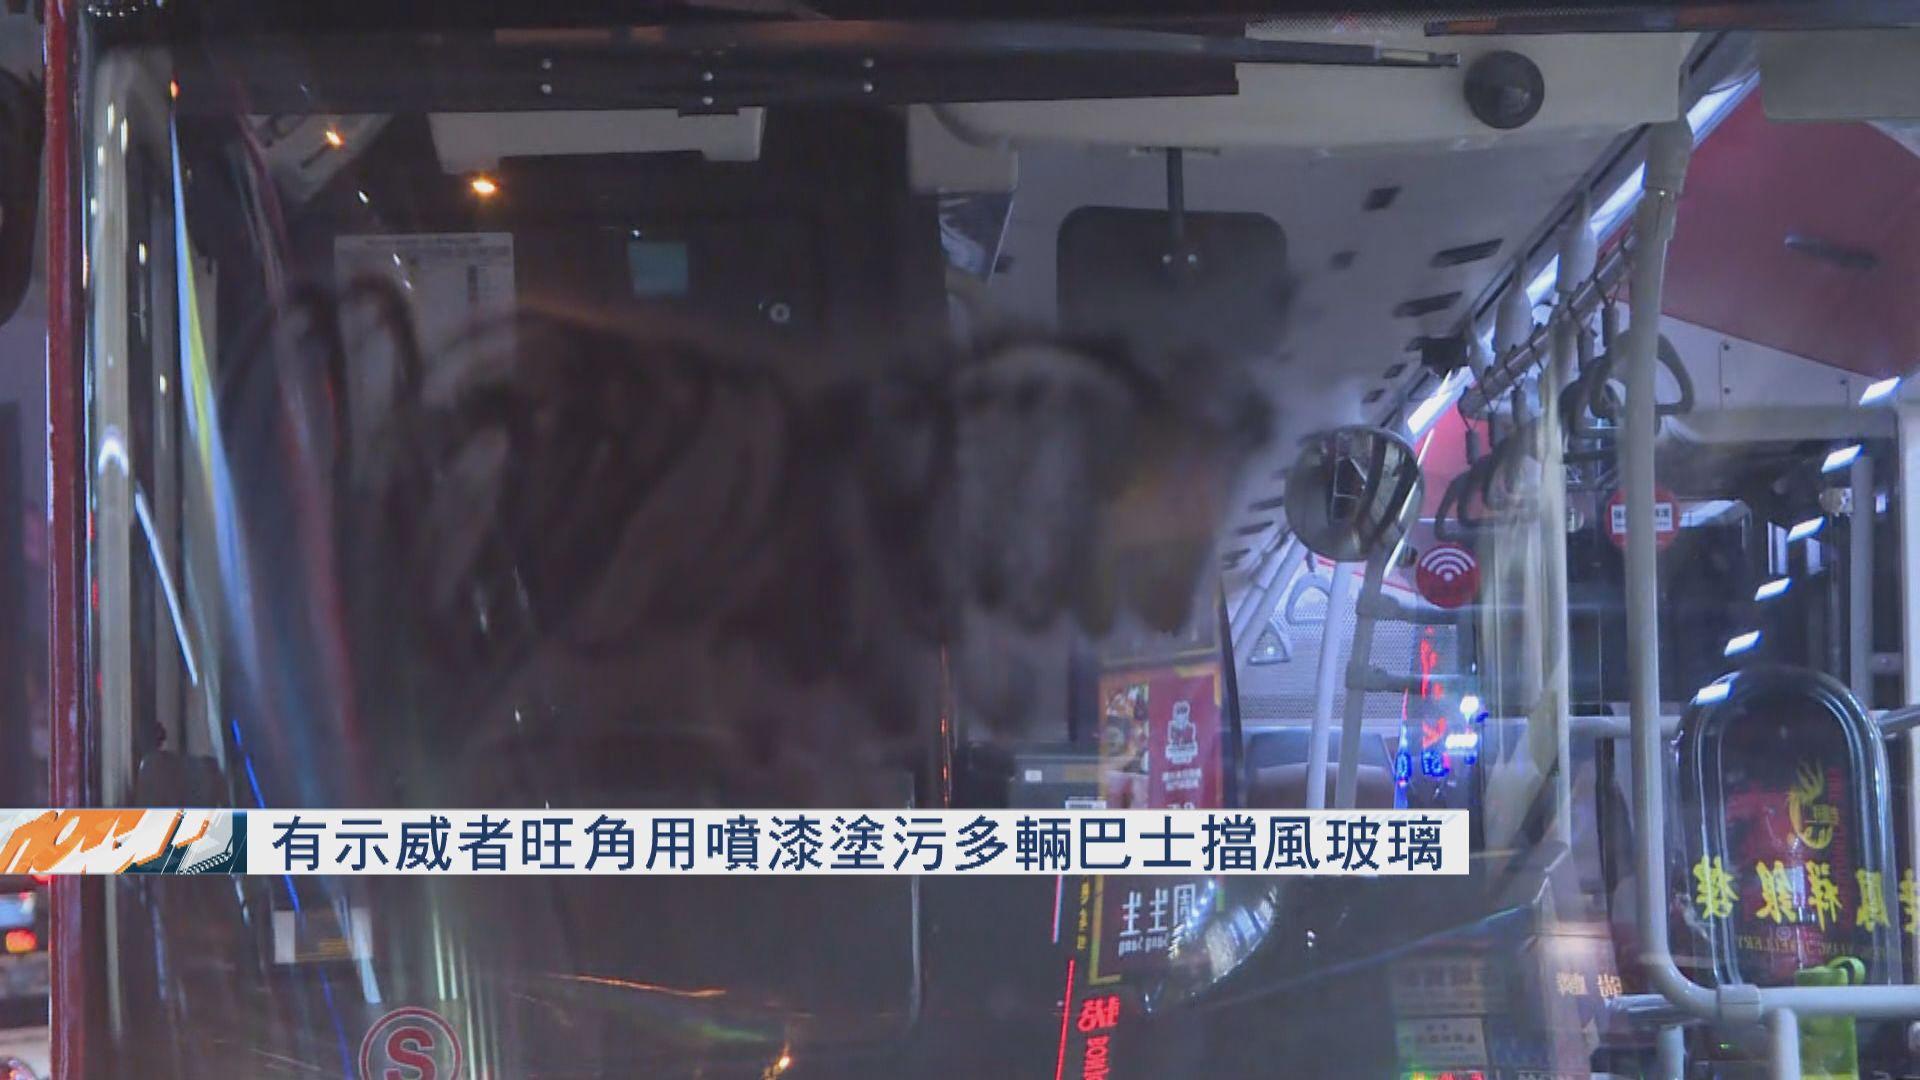 有示威者旺角用噴漆塗污多輛巴士擋風玻璃